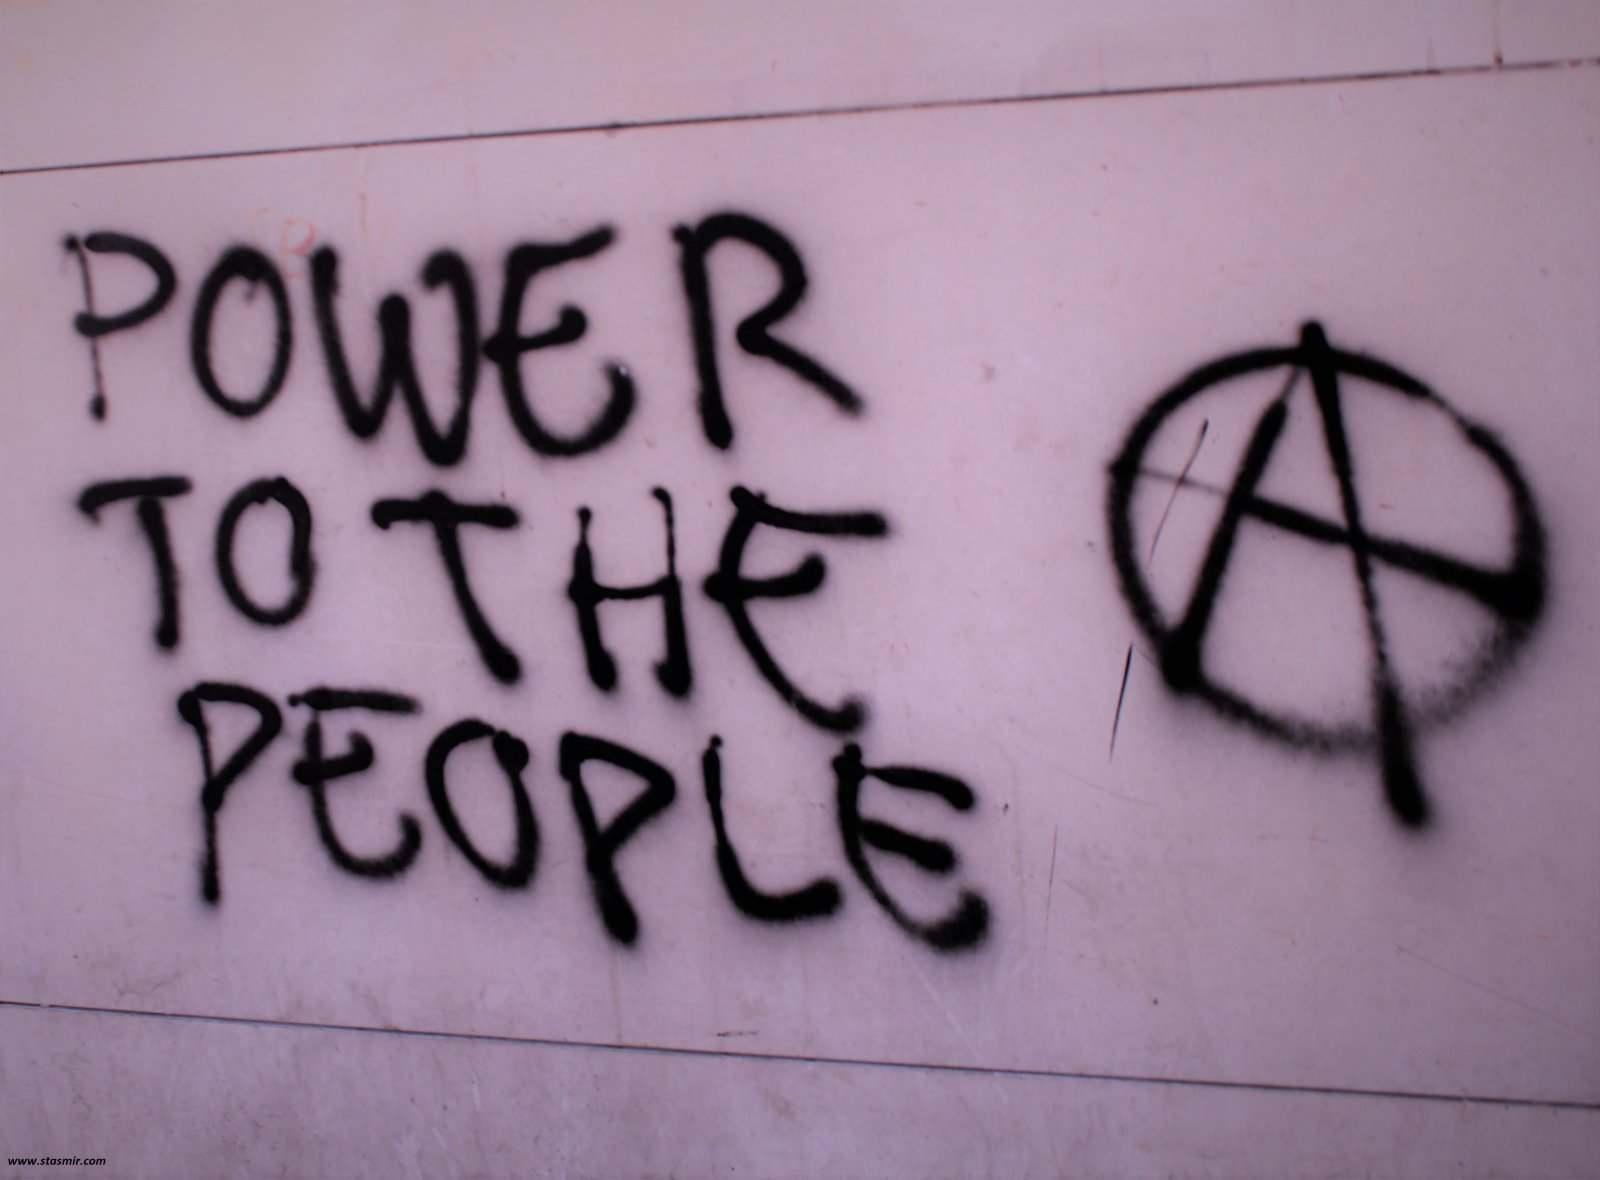 Надпись на стене в Куимбре, Португалия: власть нороду! Фото Стасмир, photo Stasmir